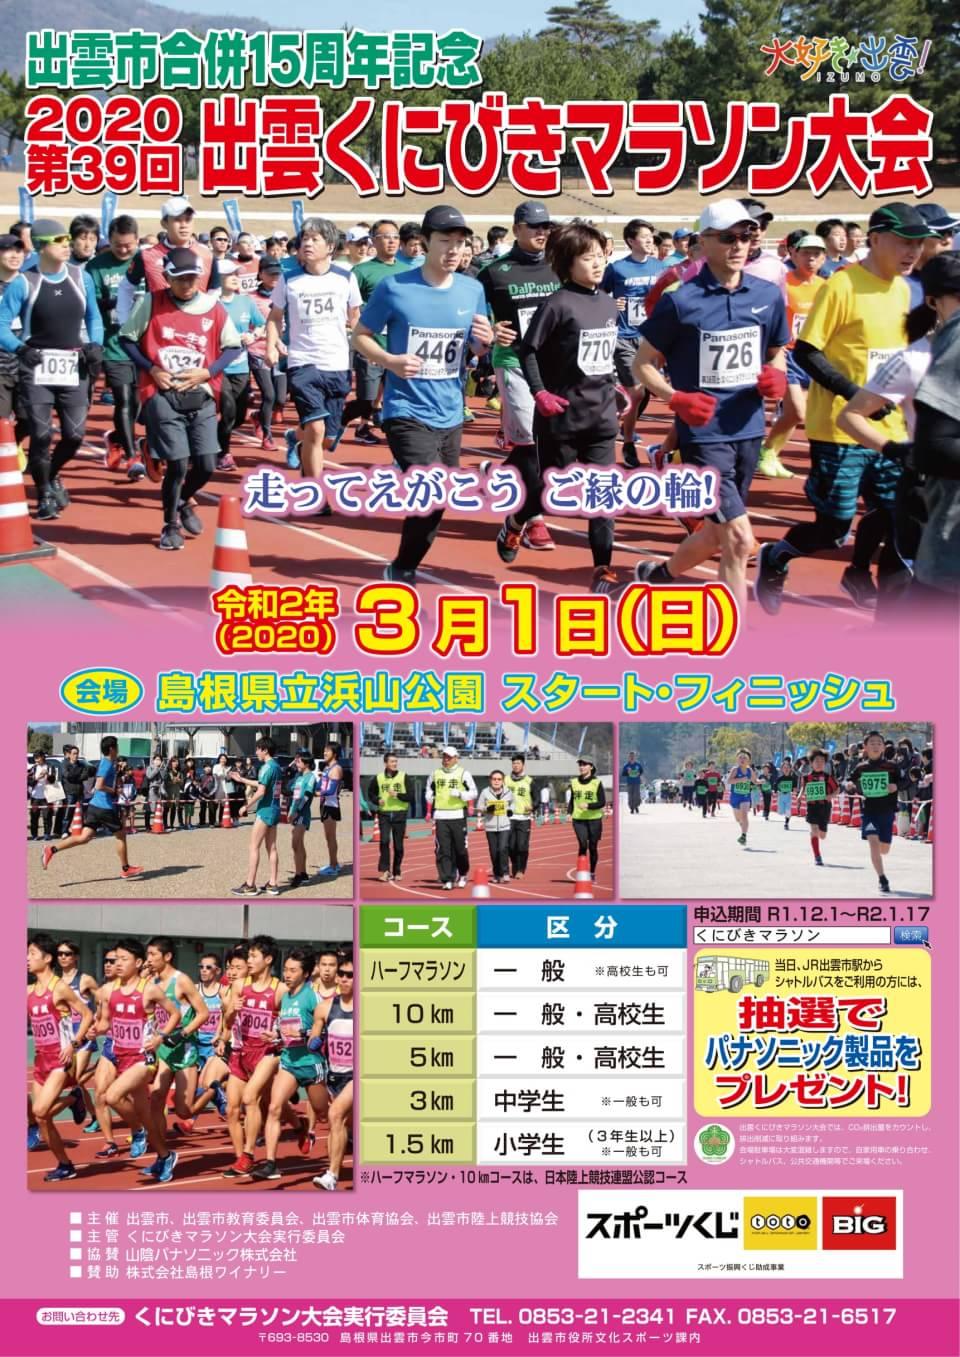 第39回出雲くにびきマラソン大会ポスター